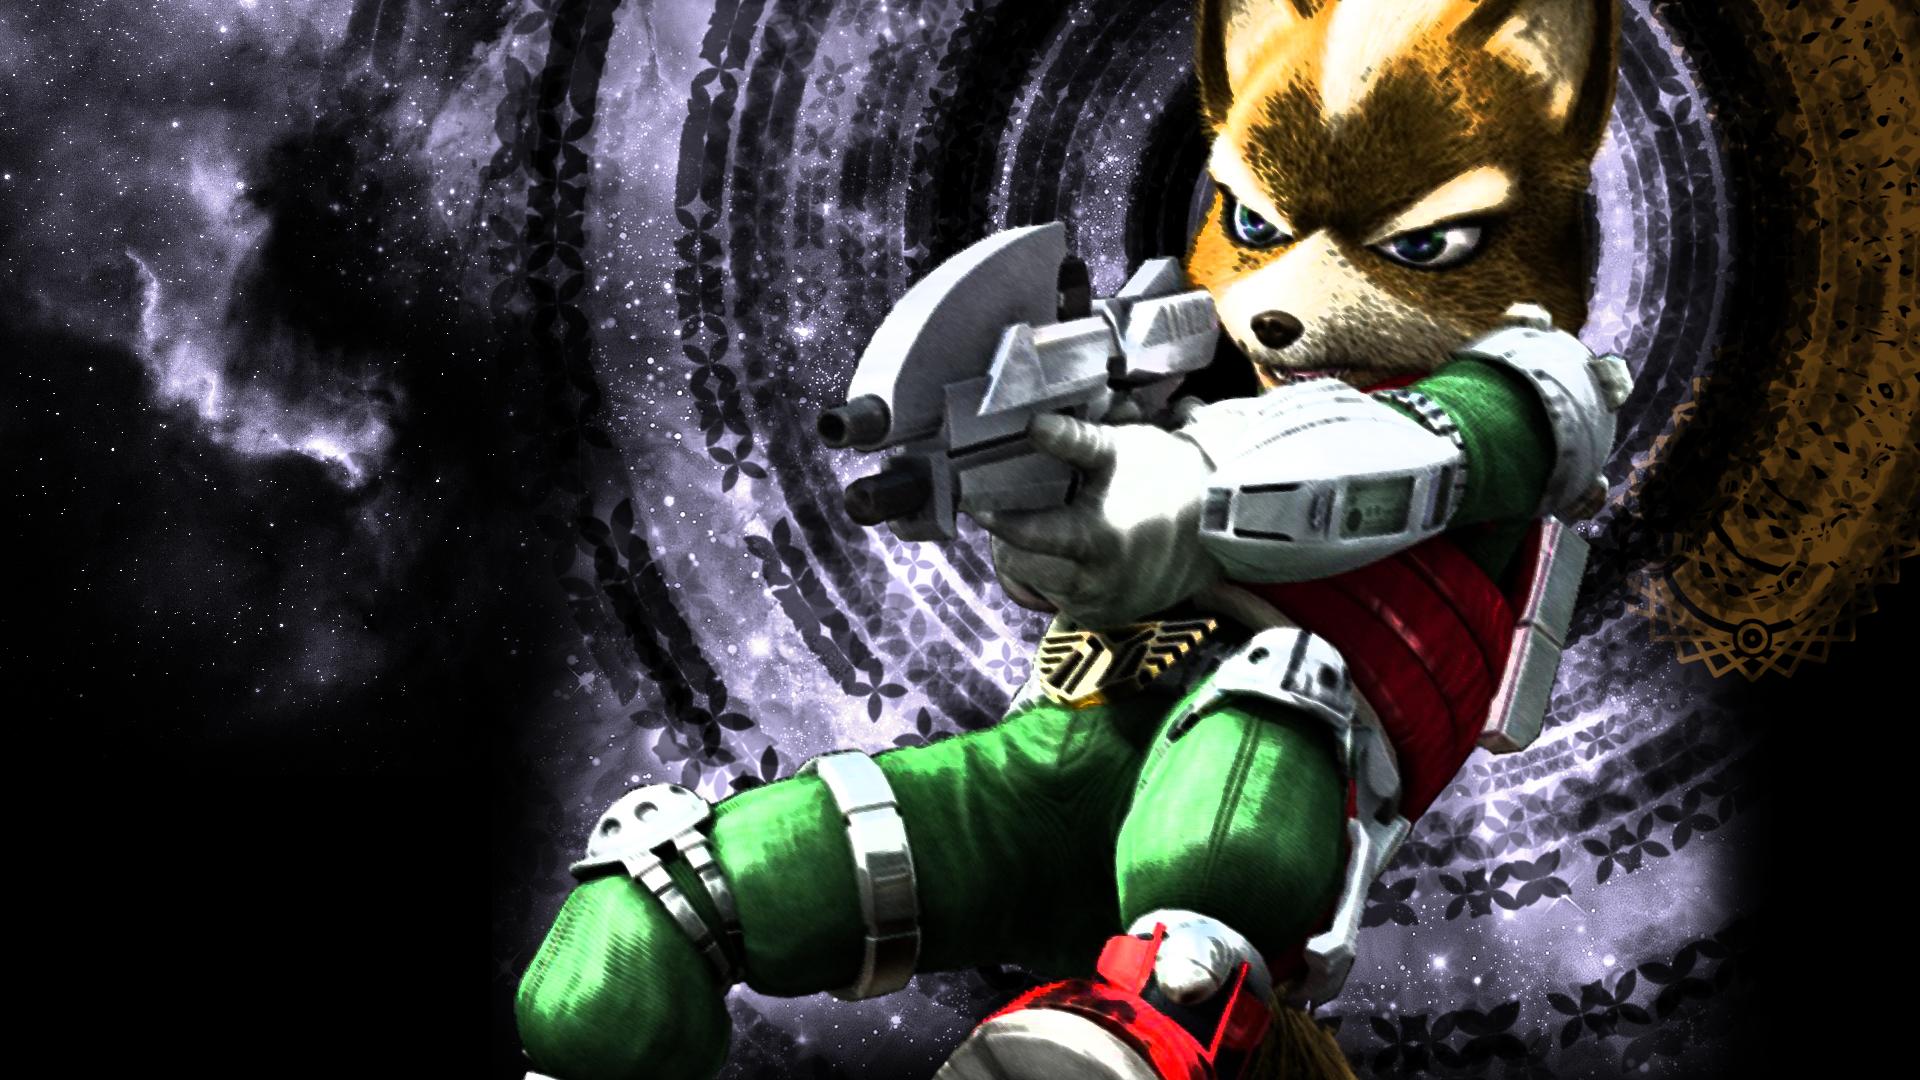 ultra widescreen wallpaper star fox - photo #4